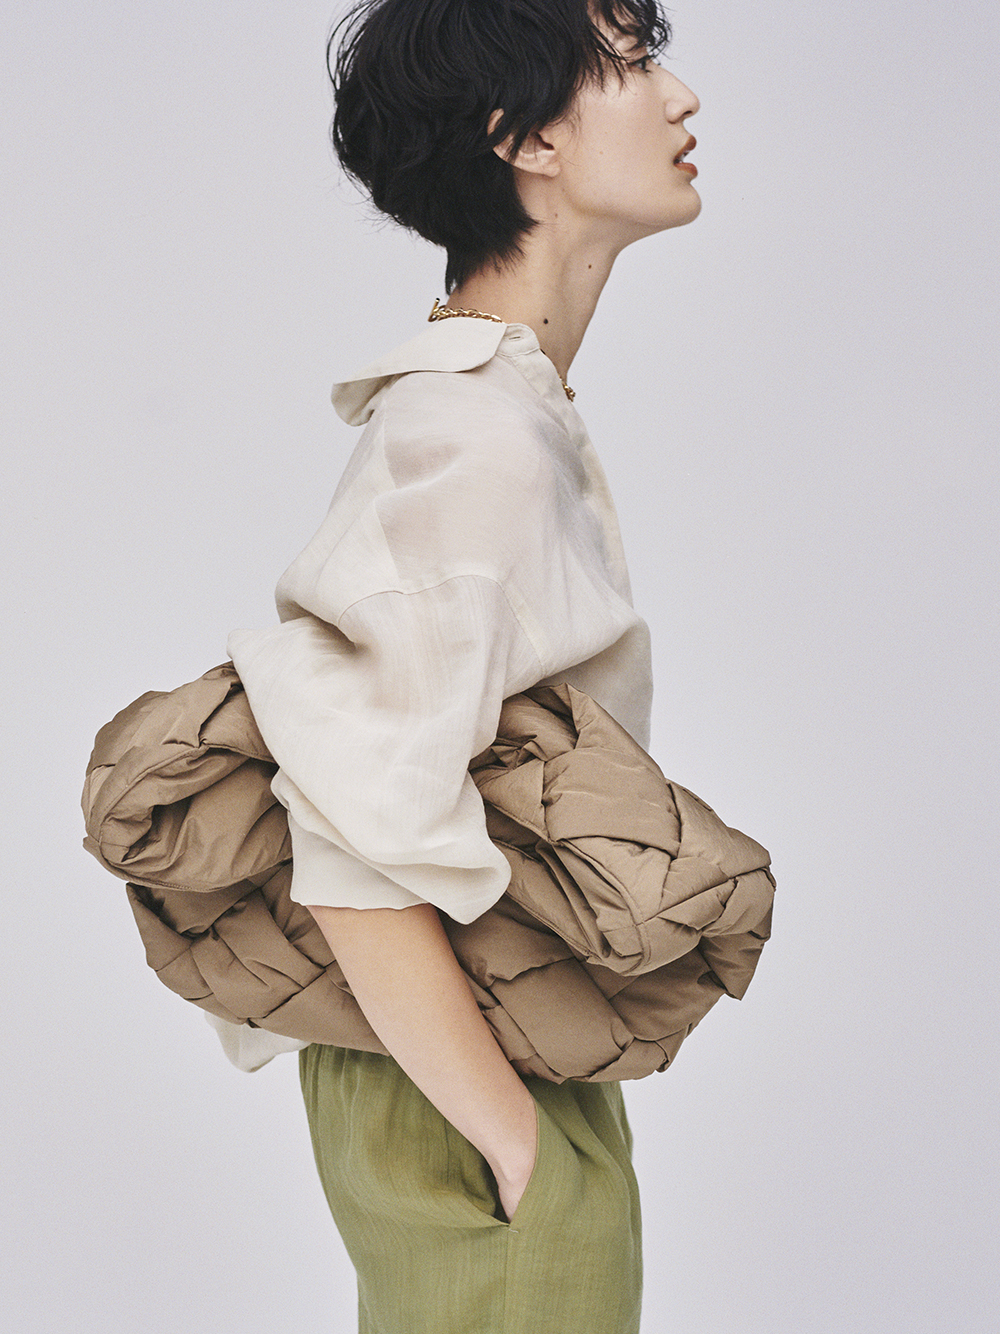 シアーセットアップシャツジャケット(IVR-0)